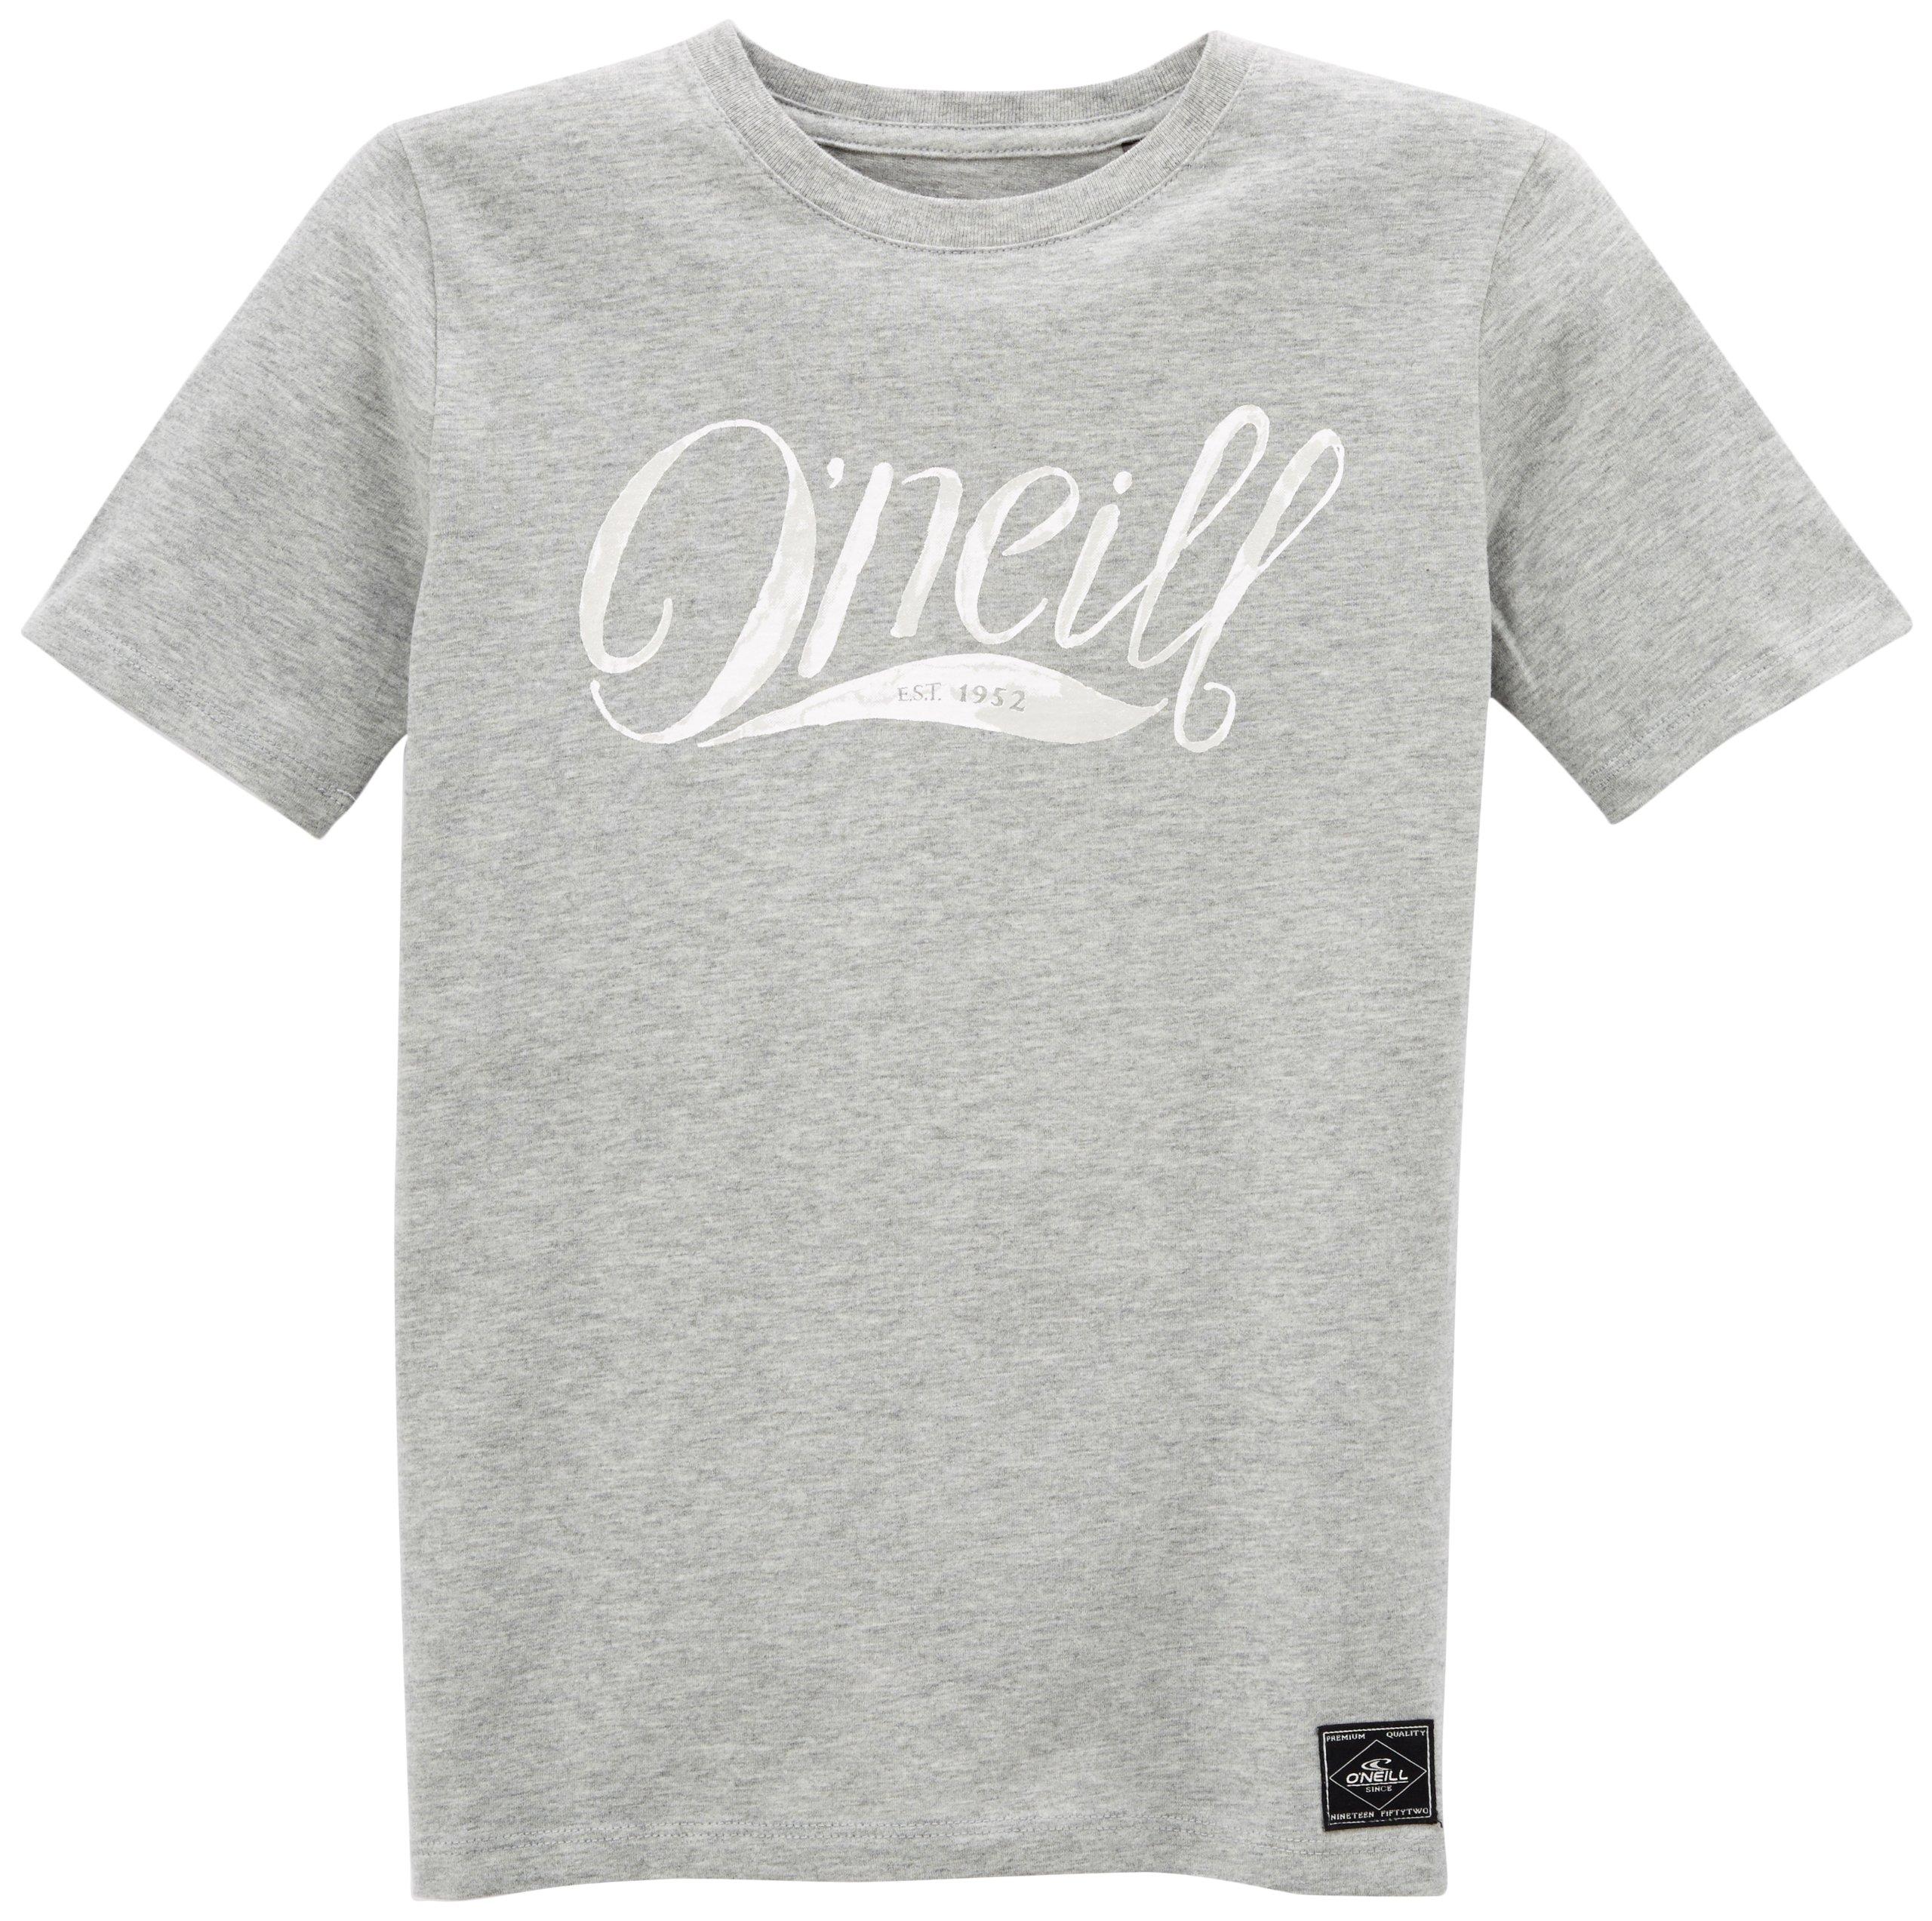 ONEILL LB Graduate - Camiseta/Camisa Deportivas para niño, Color Plateado, Talla 12 años (152 cm): Amazon.es: Deportes y aire libre